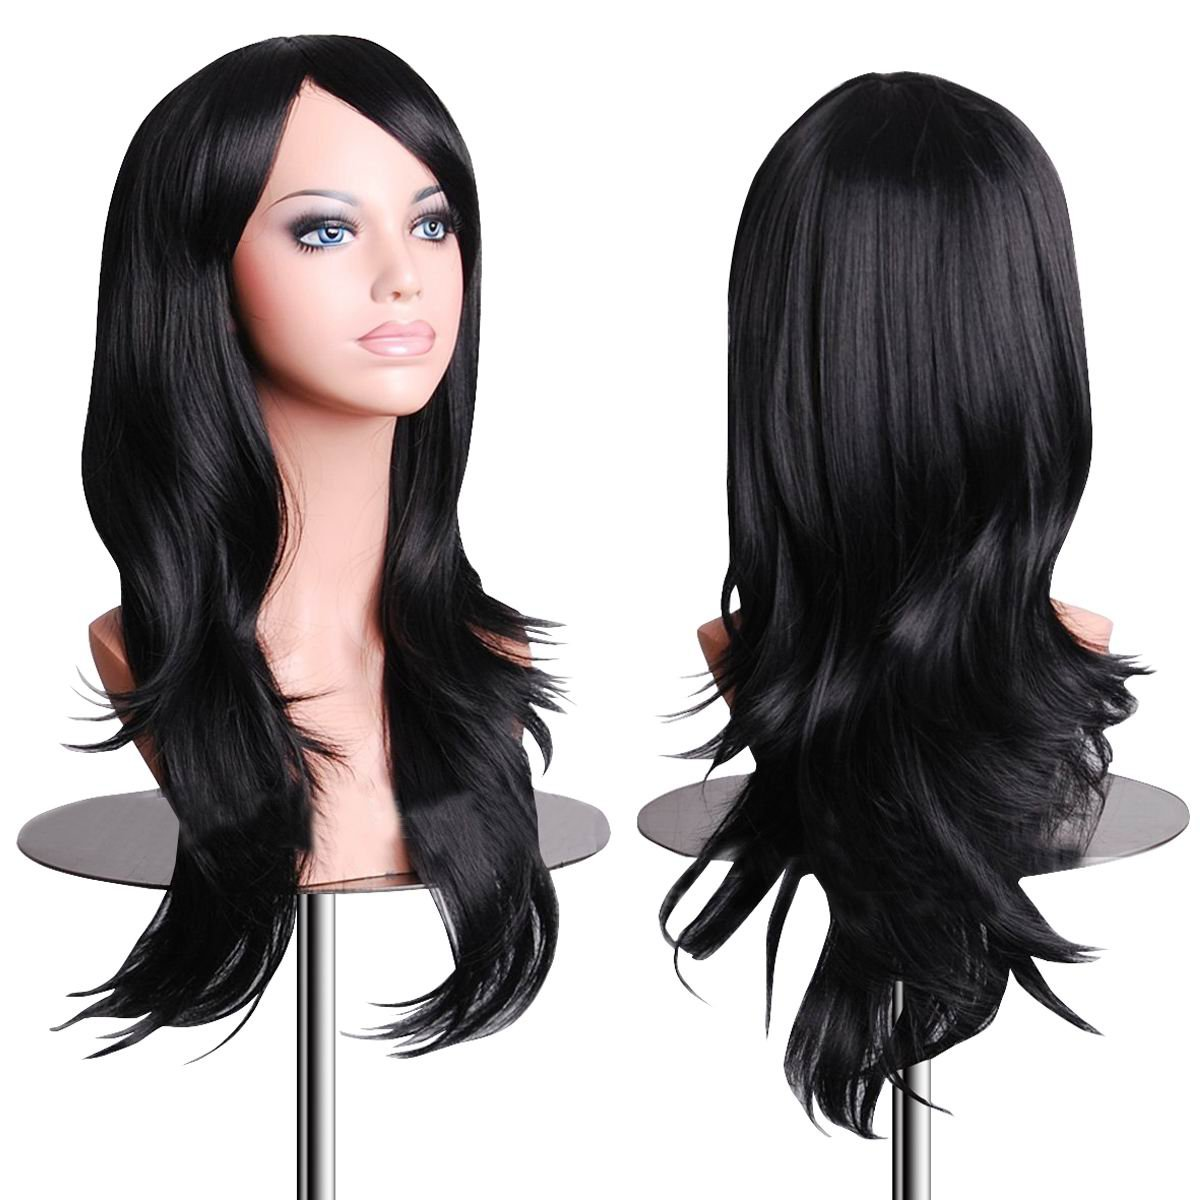 EmaxDesign Wigs 70 cm/28 ~ di alta qualità Cosplay parrucca per le donne lunga ricci e ondulati resistente al calore Fashion Glamour Hairpiece con parrucca e Parrucca pettine (colore: nero) WI704B